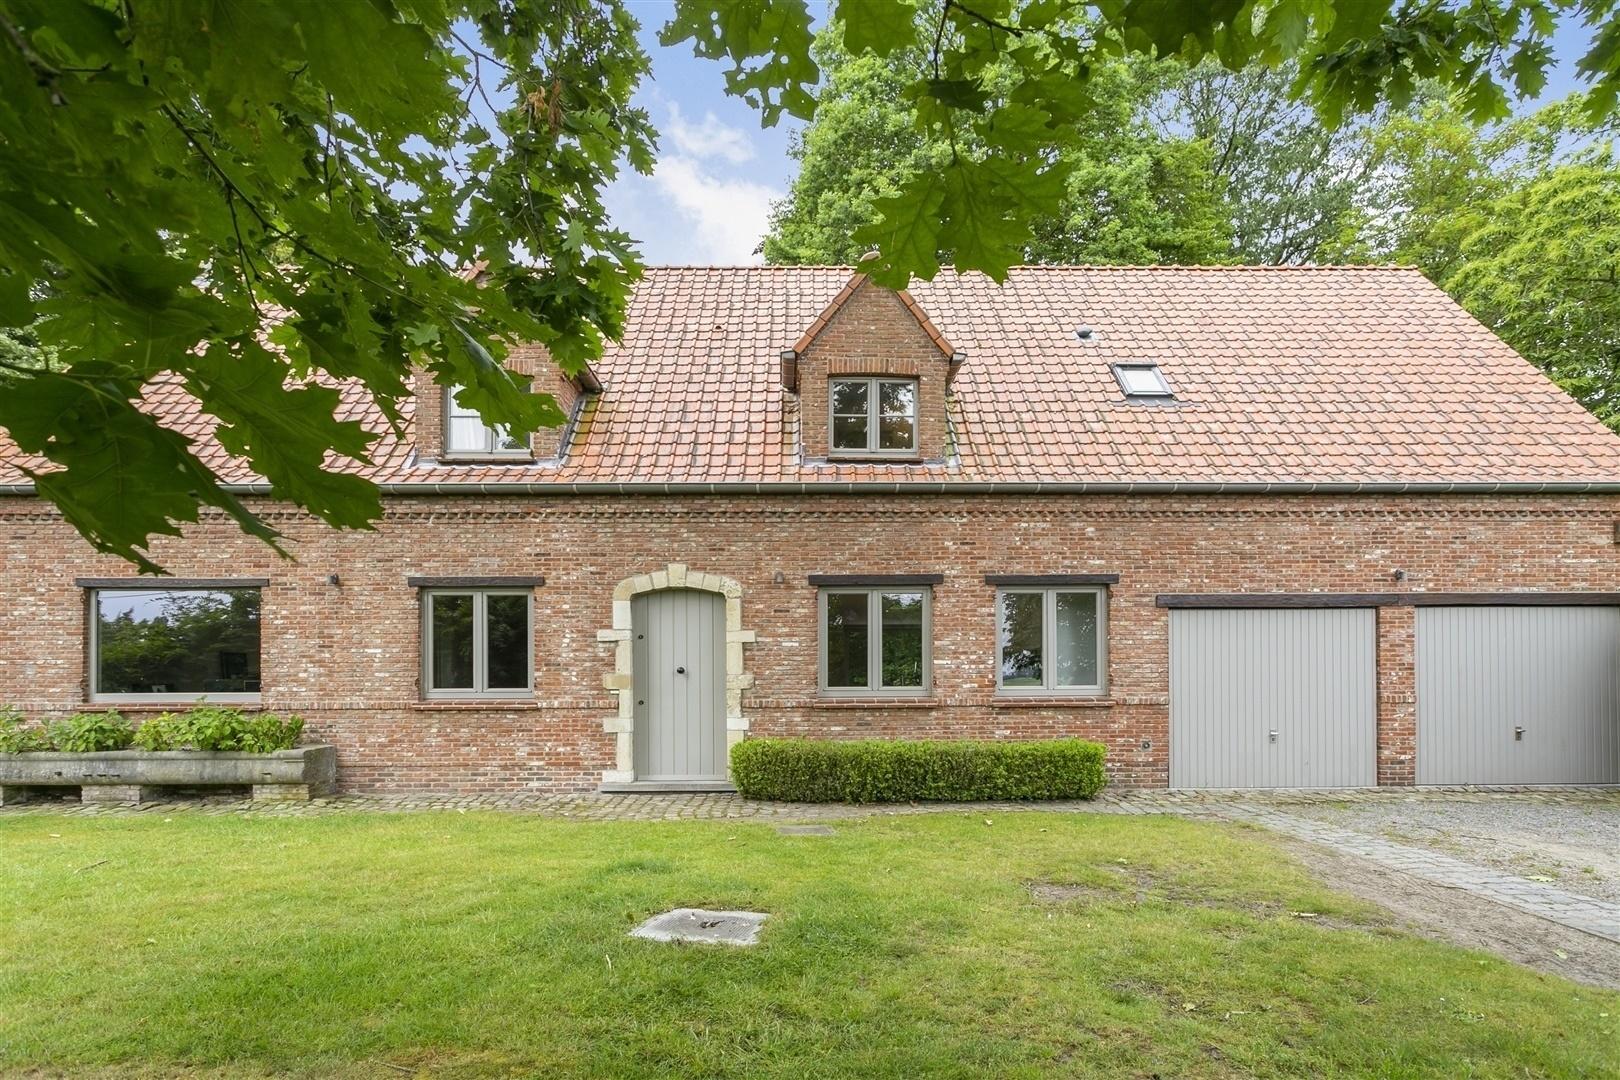 Prachtige villa met 4 slaapkamers op riant perceel in Zomergem